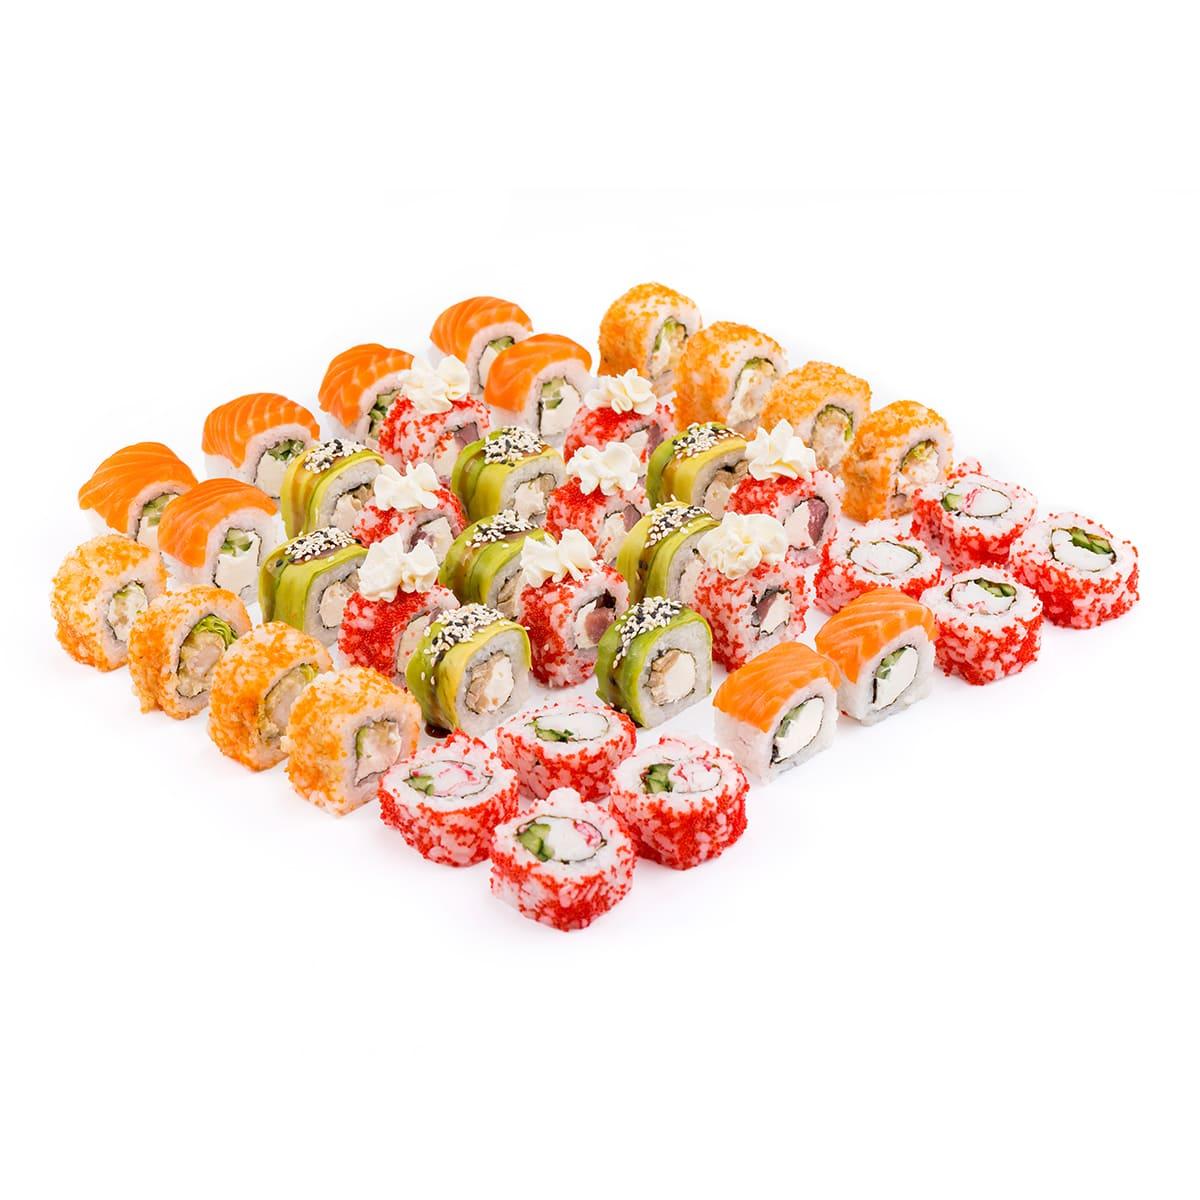 сет фирменный pablito суши ирпень